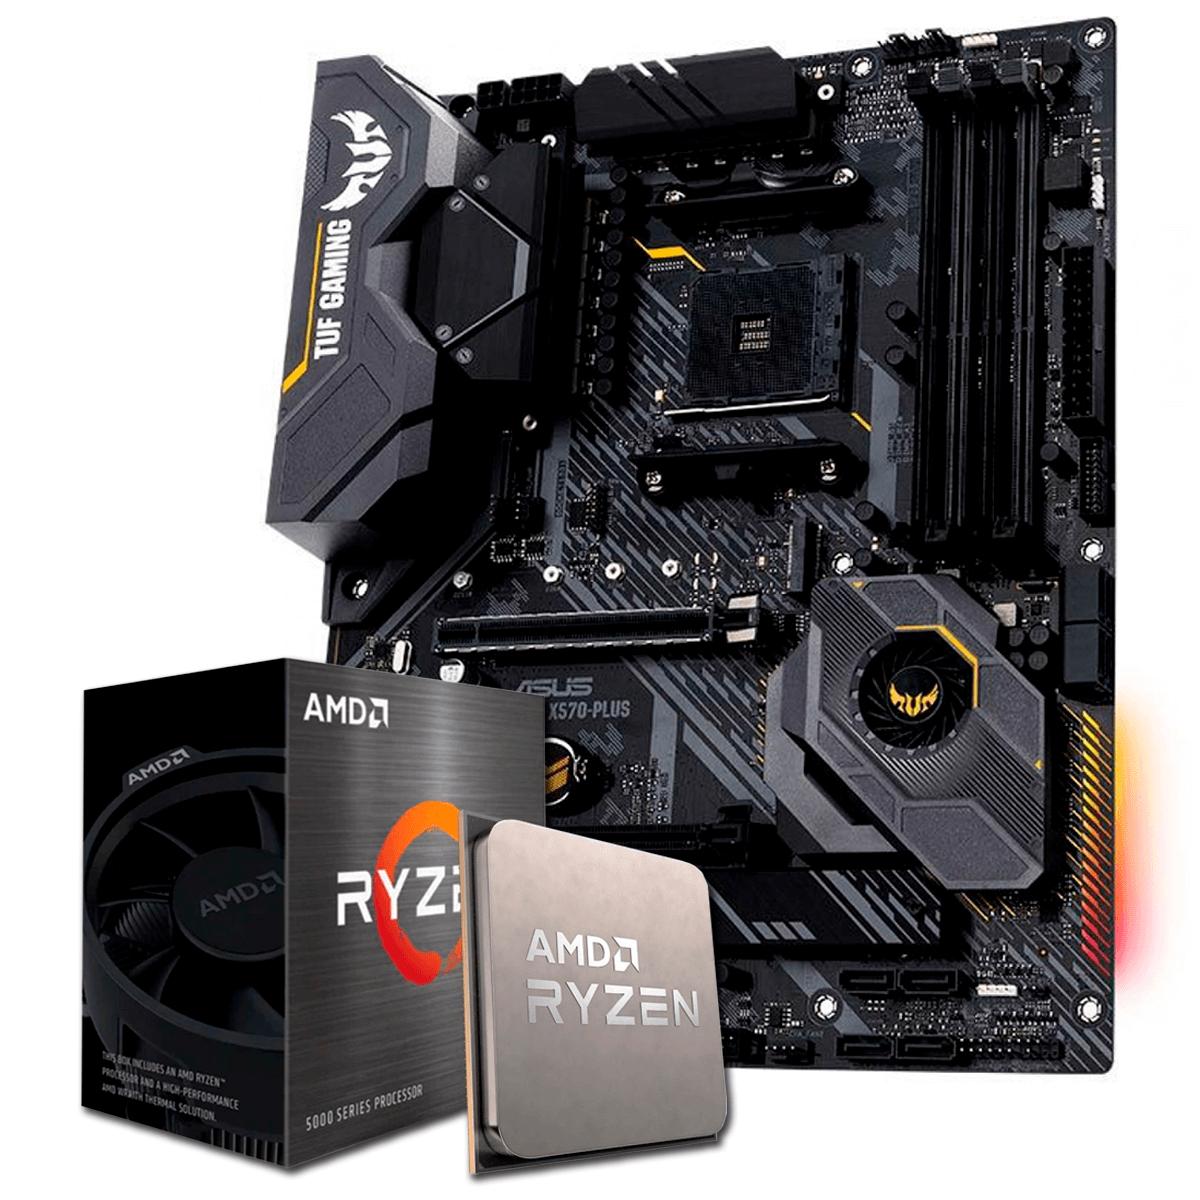 Kit Upgrade, AMD Ryzen 5 5600X, Asus TUF Gaming X570-Plus